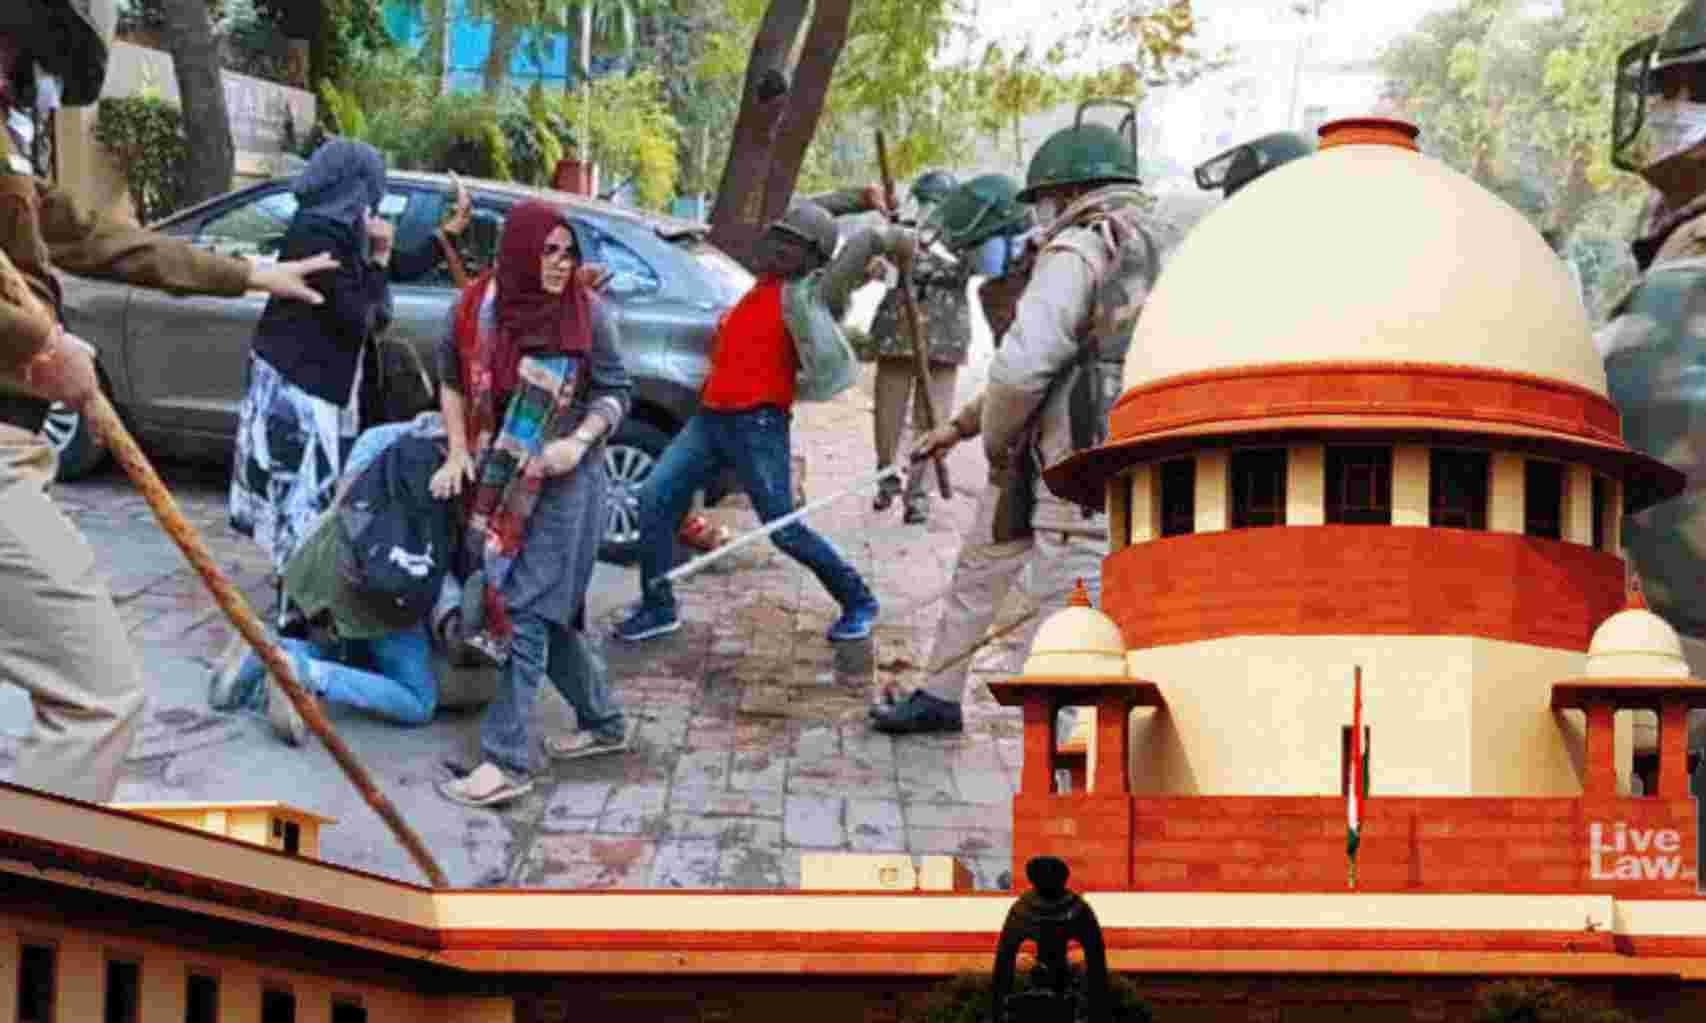 जामिया हिंसा : सुप्रीम कोर्ट ने जांच के आदेश देने से इनकार किया, हाईकोर्ट जाने को कहा